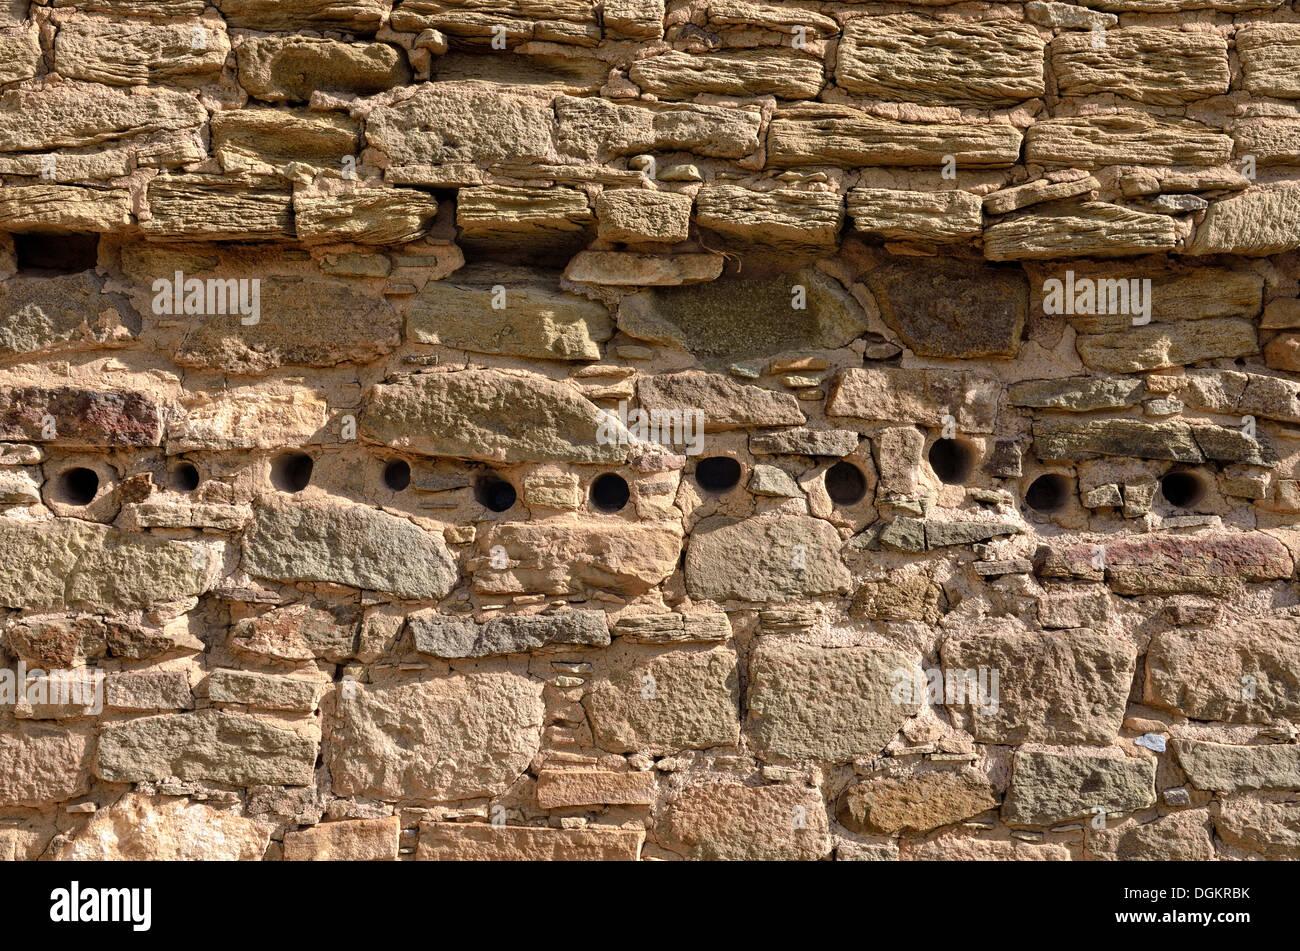 Détail du mur avec des ouvertures pour les poutres rondes, Anasazi, règlement historique Aztec Ruins National Monument, Aztec, Nouveau Mexique Photo Stock